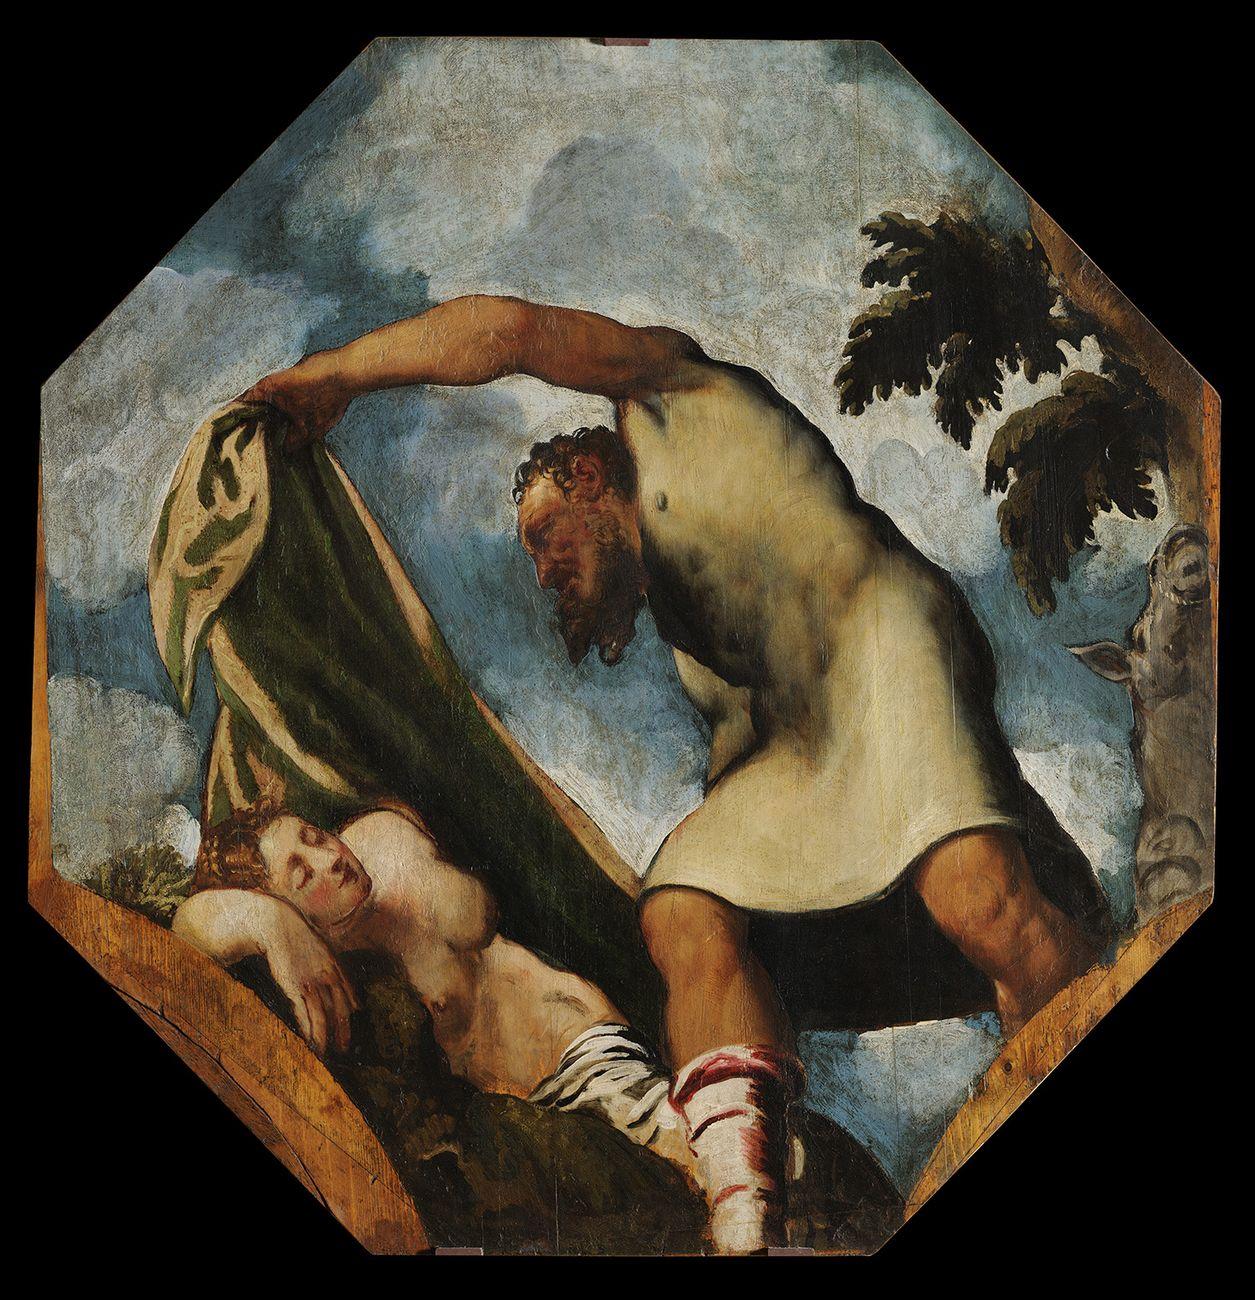 Jacopo Robusti detto il Tintoretto, Priapo che insidia Lotide addormentata, 1542 ca. Modena, Gallerie Estensi